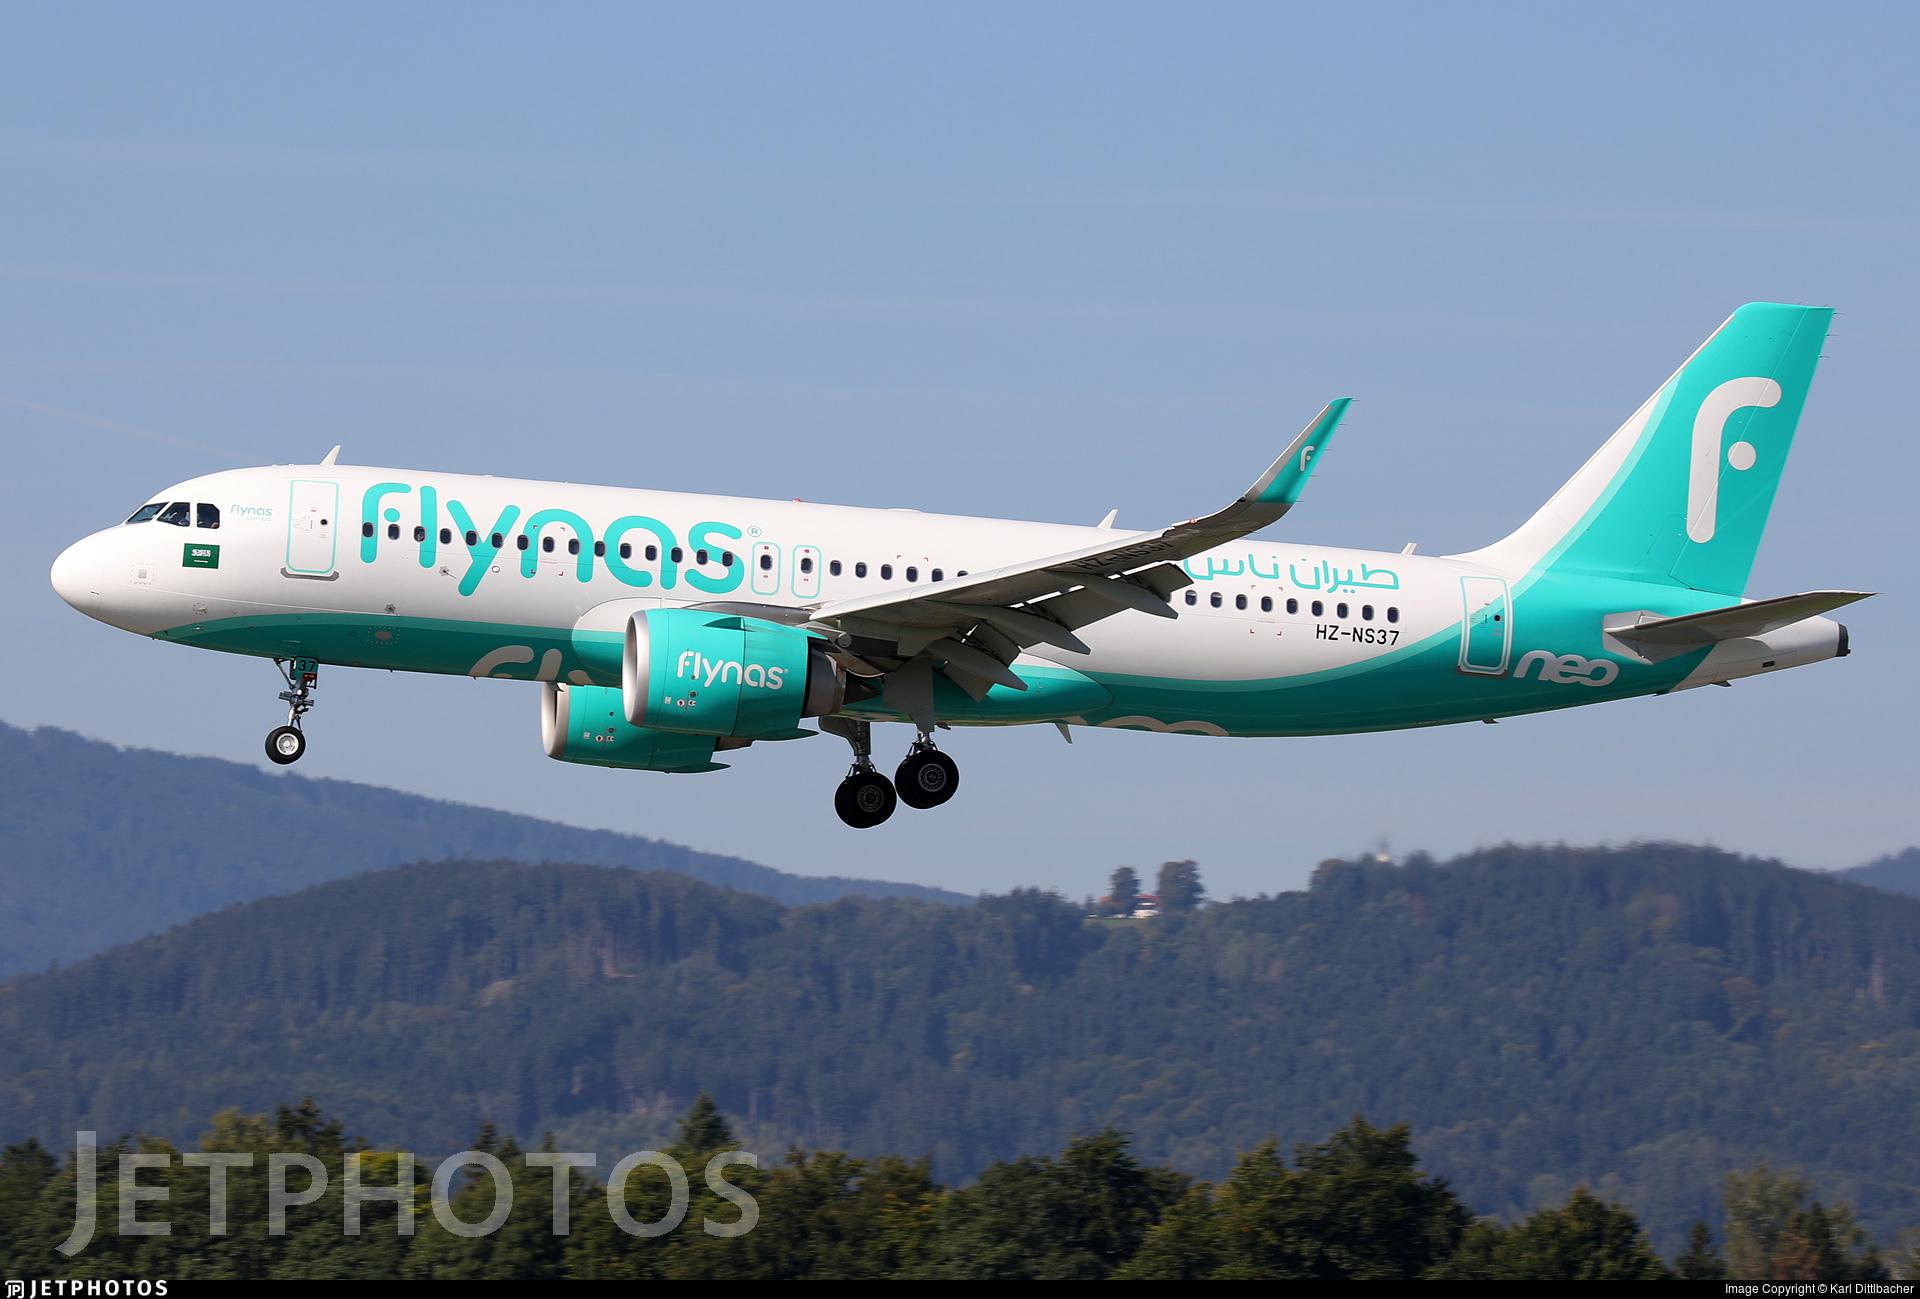 HZ-NS37 - Airbus A320-251N - Flynas